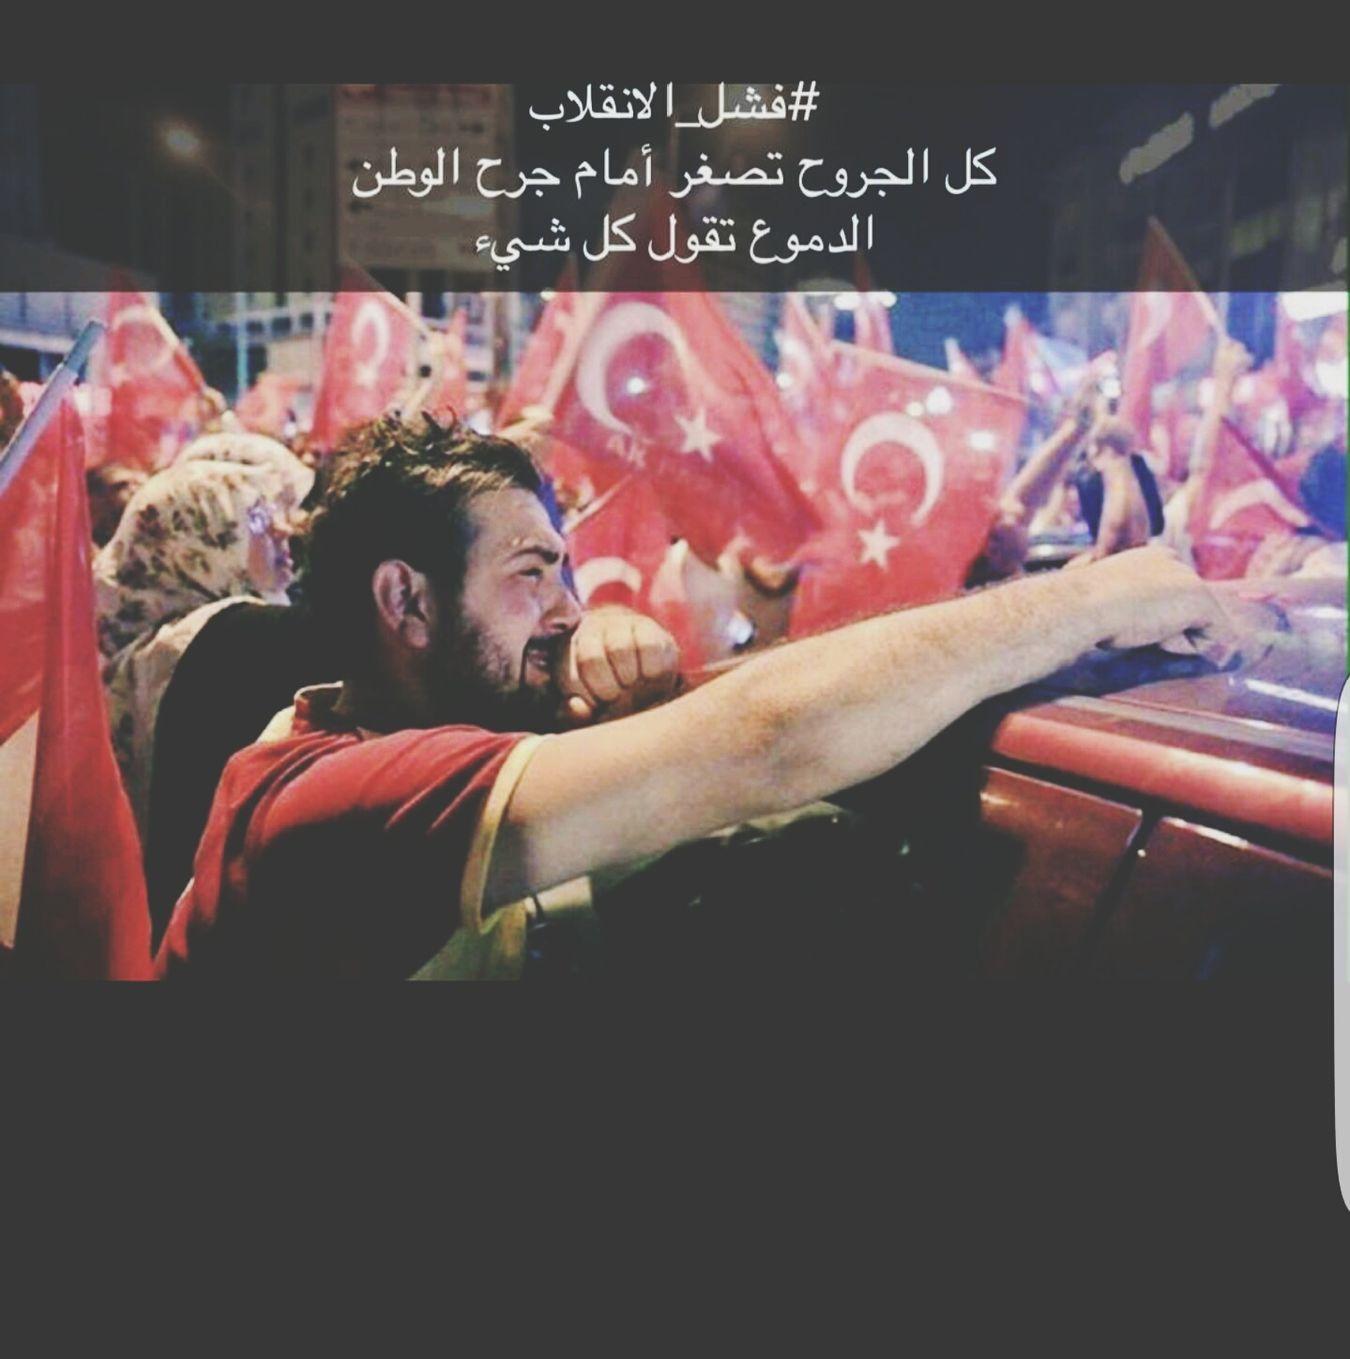 تركيا الله حاميكي والله يحميك رجب طيب اردوغان ان شاء الله ما بصير انقلاب